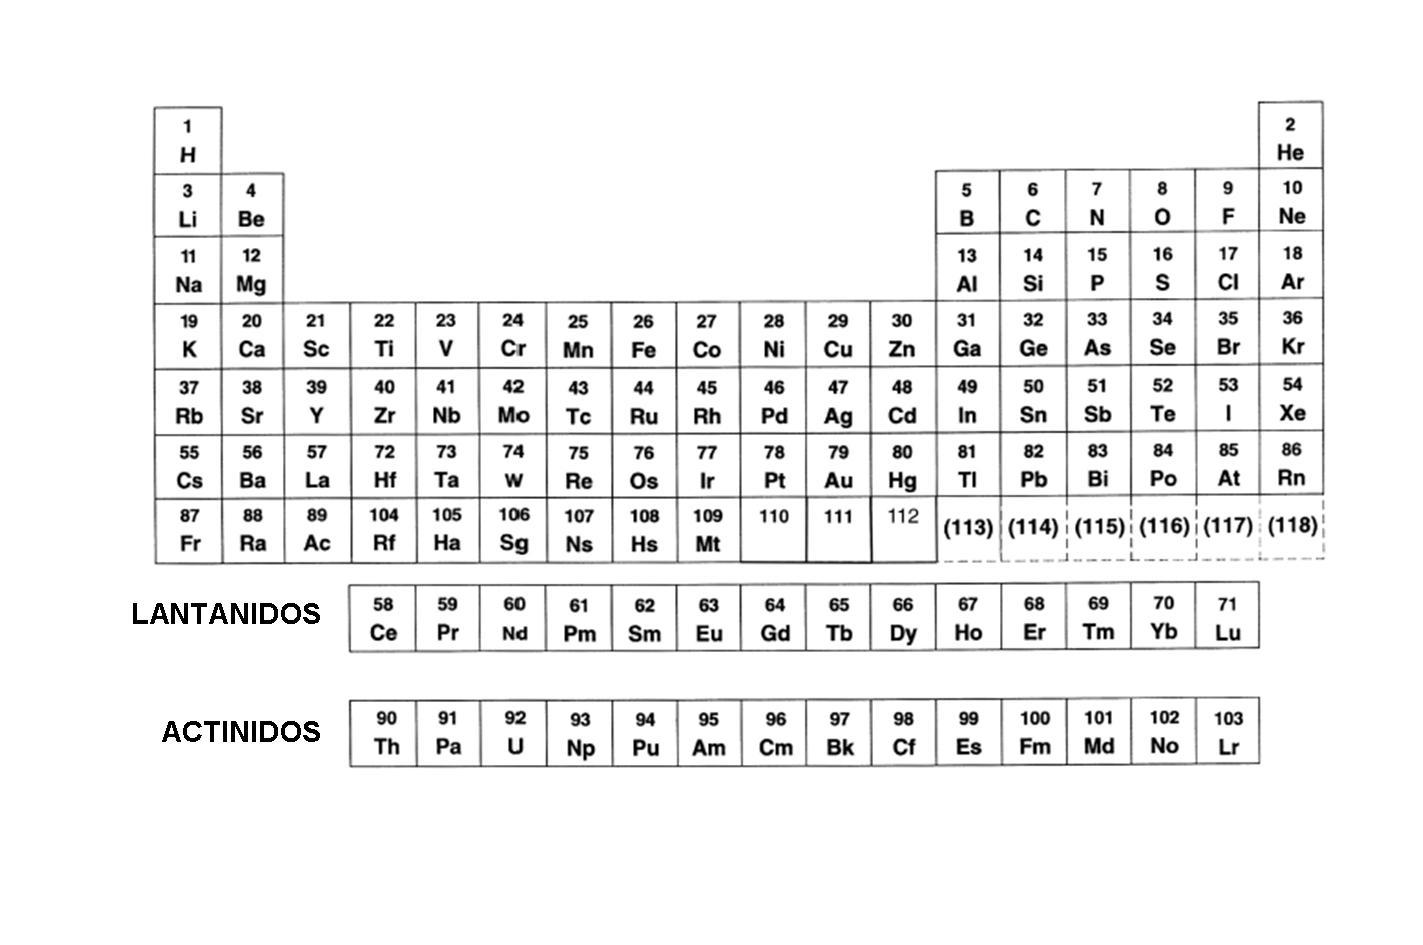 Ii carnaval de qumica breve explicacin de la tabla peridica ii carnaval de qumica breve explicacin de la tabla peridica la enciclopedia galctica urtaz Images